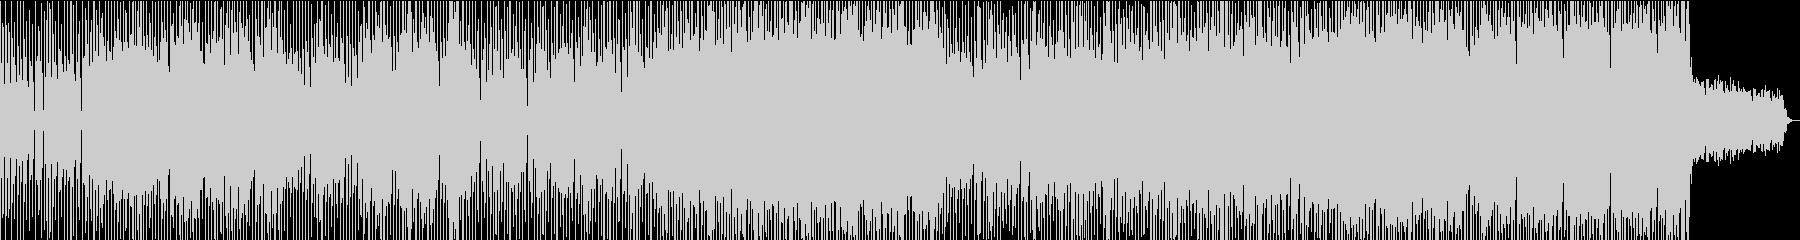 踊り出す様なファンクとエレクトロの融合の未再生の波形